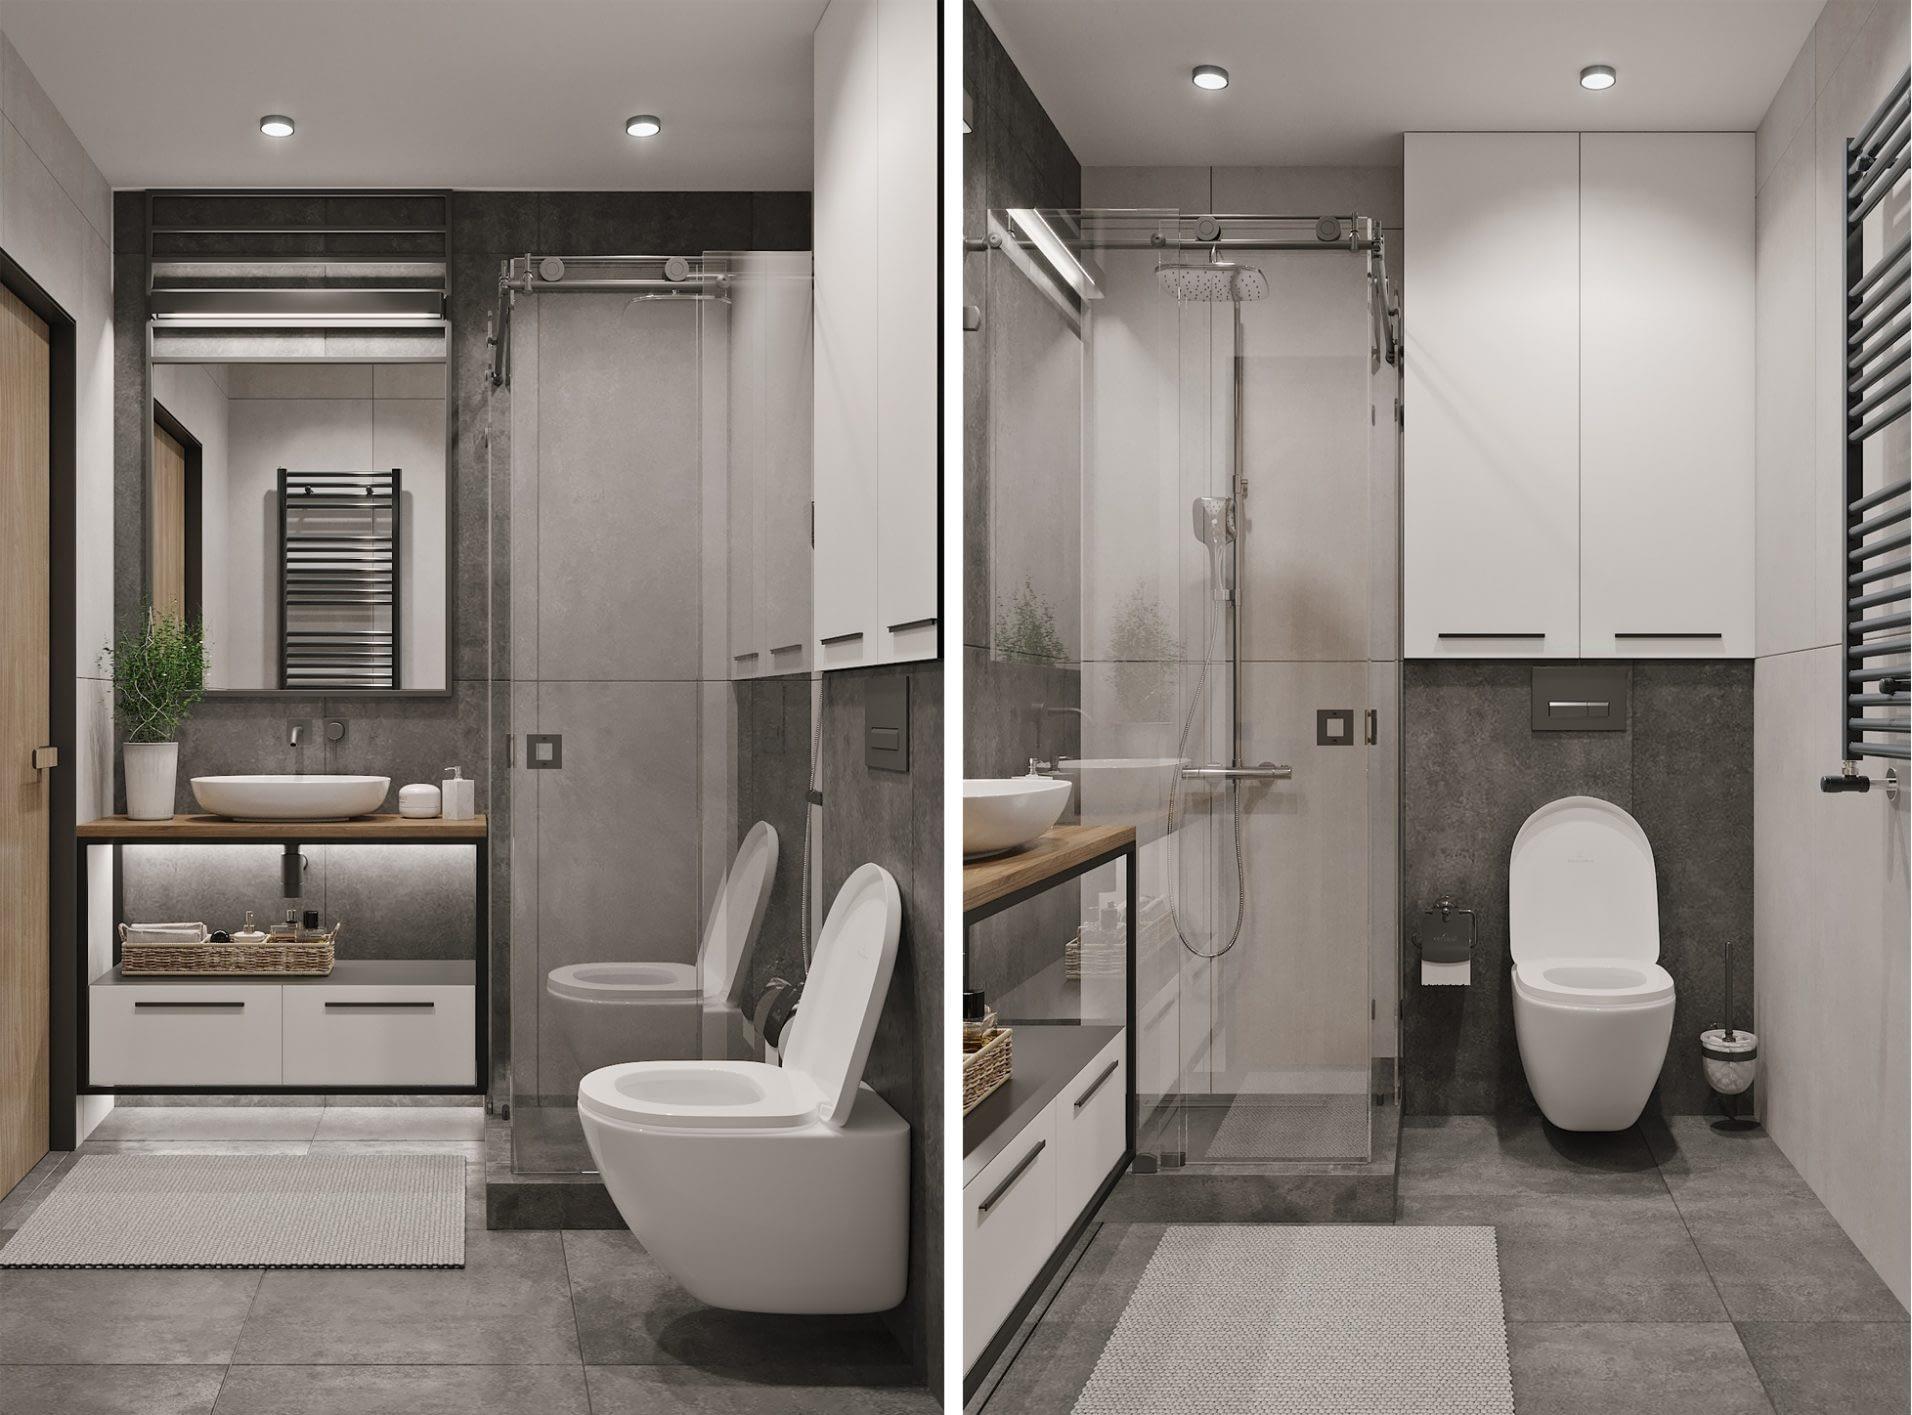 дизайн проект интерьера ванной комнаты квартиры в ЖК Парк Лэнд от Lavrov Design